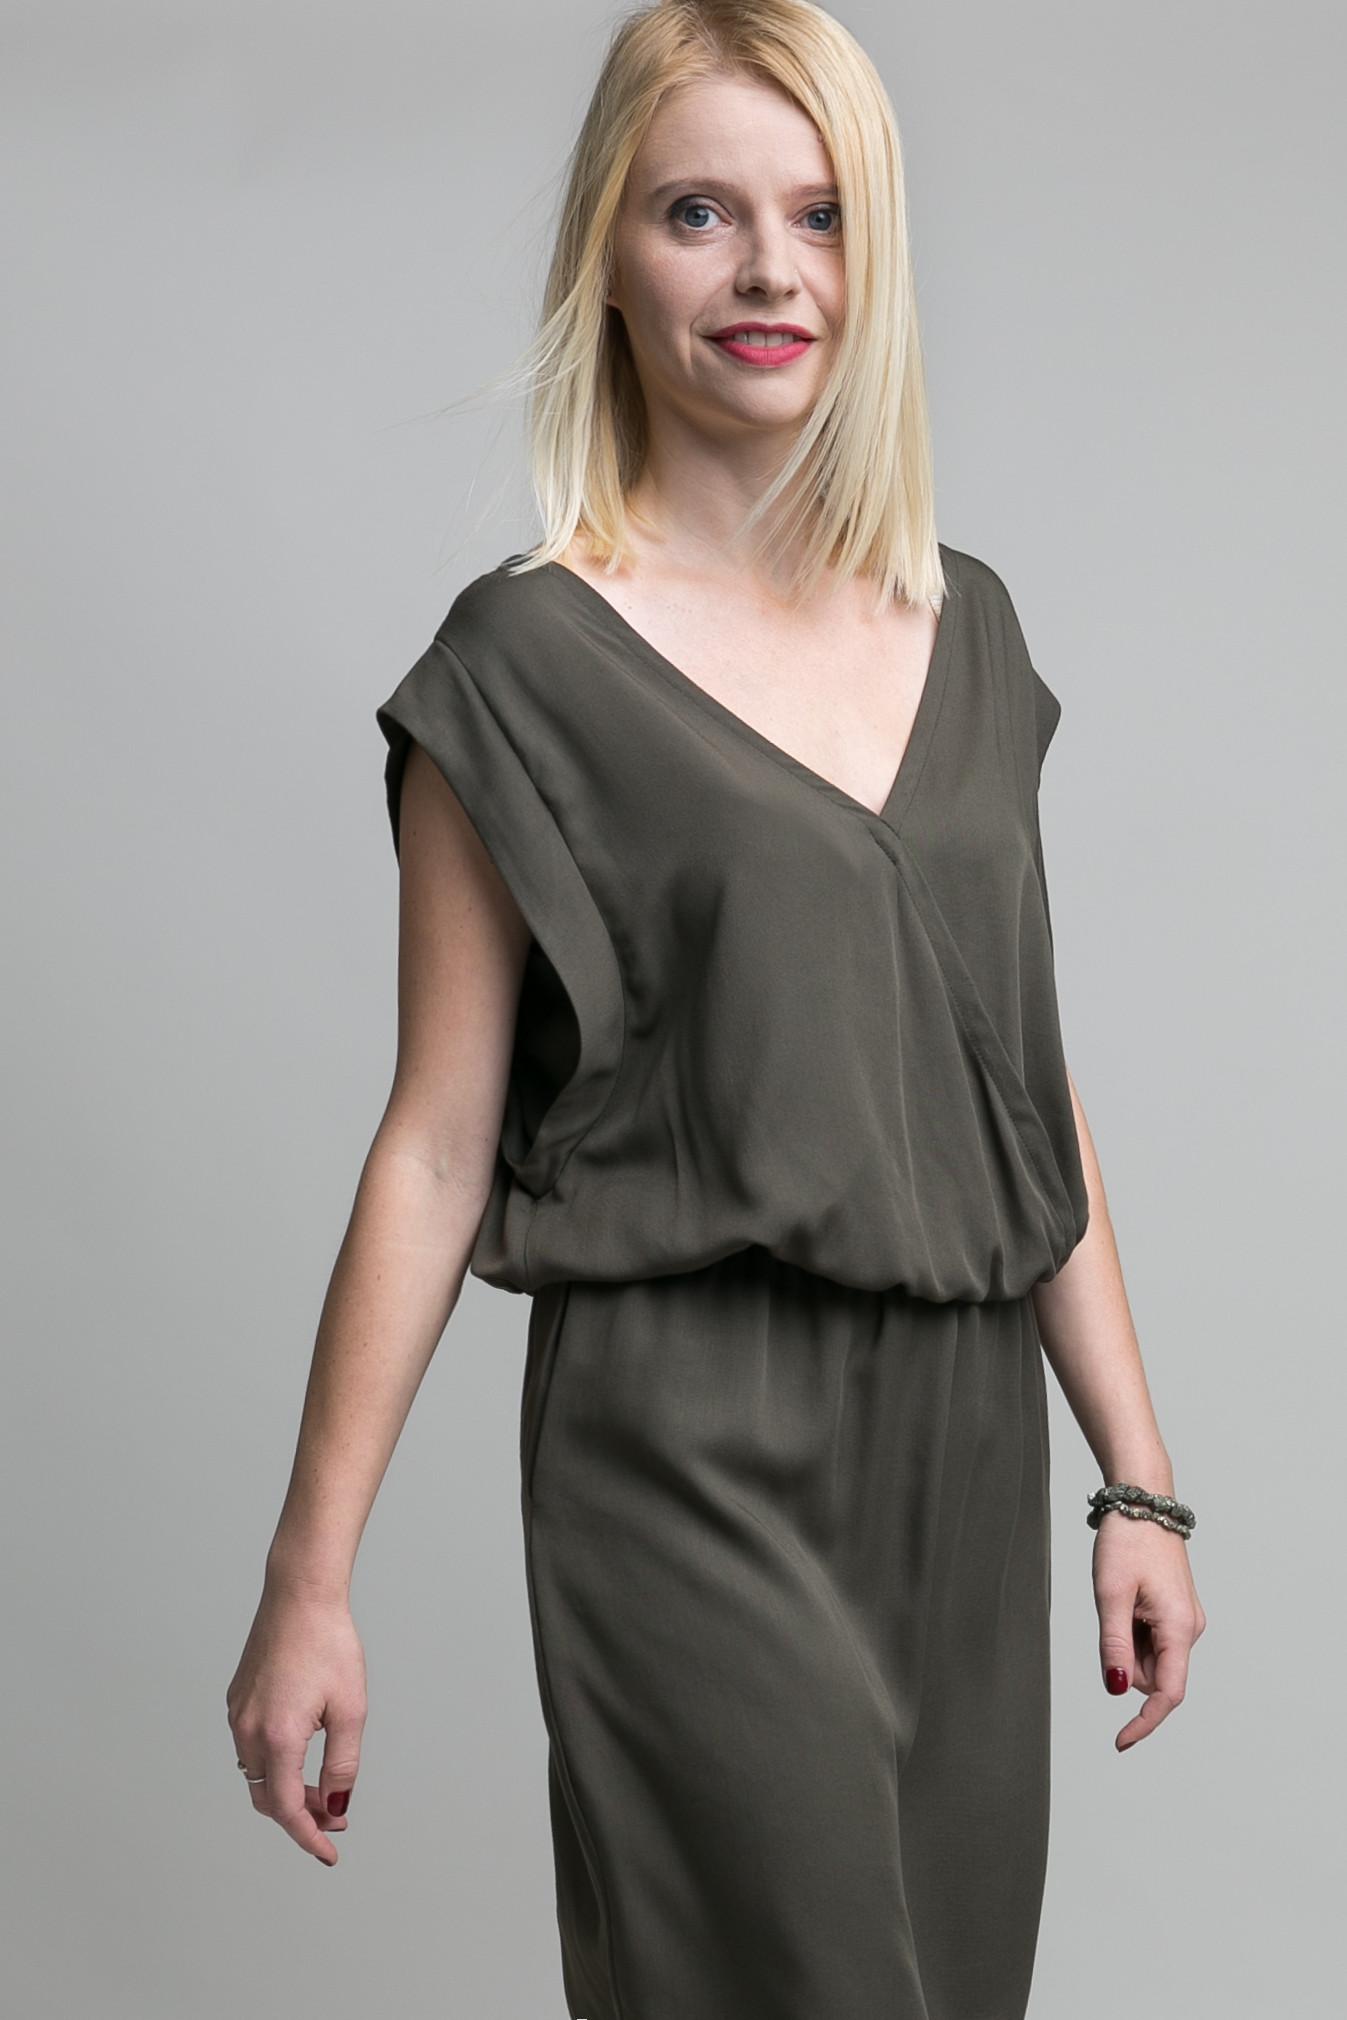 """Zestaw dwóch efektownych sukienek Olivia. W zależności od preferencji dekolt może być z przodu lub na plecach. Modny oliwkowy kolor i elegancka tkanina, z której uszyte zostały sukienki sprawiają, że propozycja ta jest stosowana na wiele okazji, zarówno do pracy, jak i na wielkie wyjście. Materiał: wiskoza 100% Kolor: oliwkowy Modelki mają 172 i 122 cm wzrostu (rozmiar 38 i 6/7). Dostępne w zestawie dla mamy i córki oraz oddzielnie. W ZESTAWIE TANIEJ! Płacisz cenę 2 małych sukienek! The Same to kolekcje takich samych ubrań dla Mamy i Córeczki """"…bo Mama i Córka są The Same"""""""